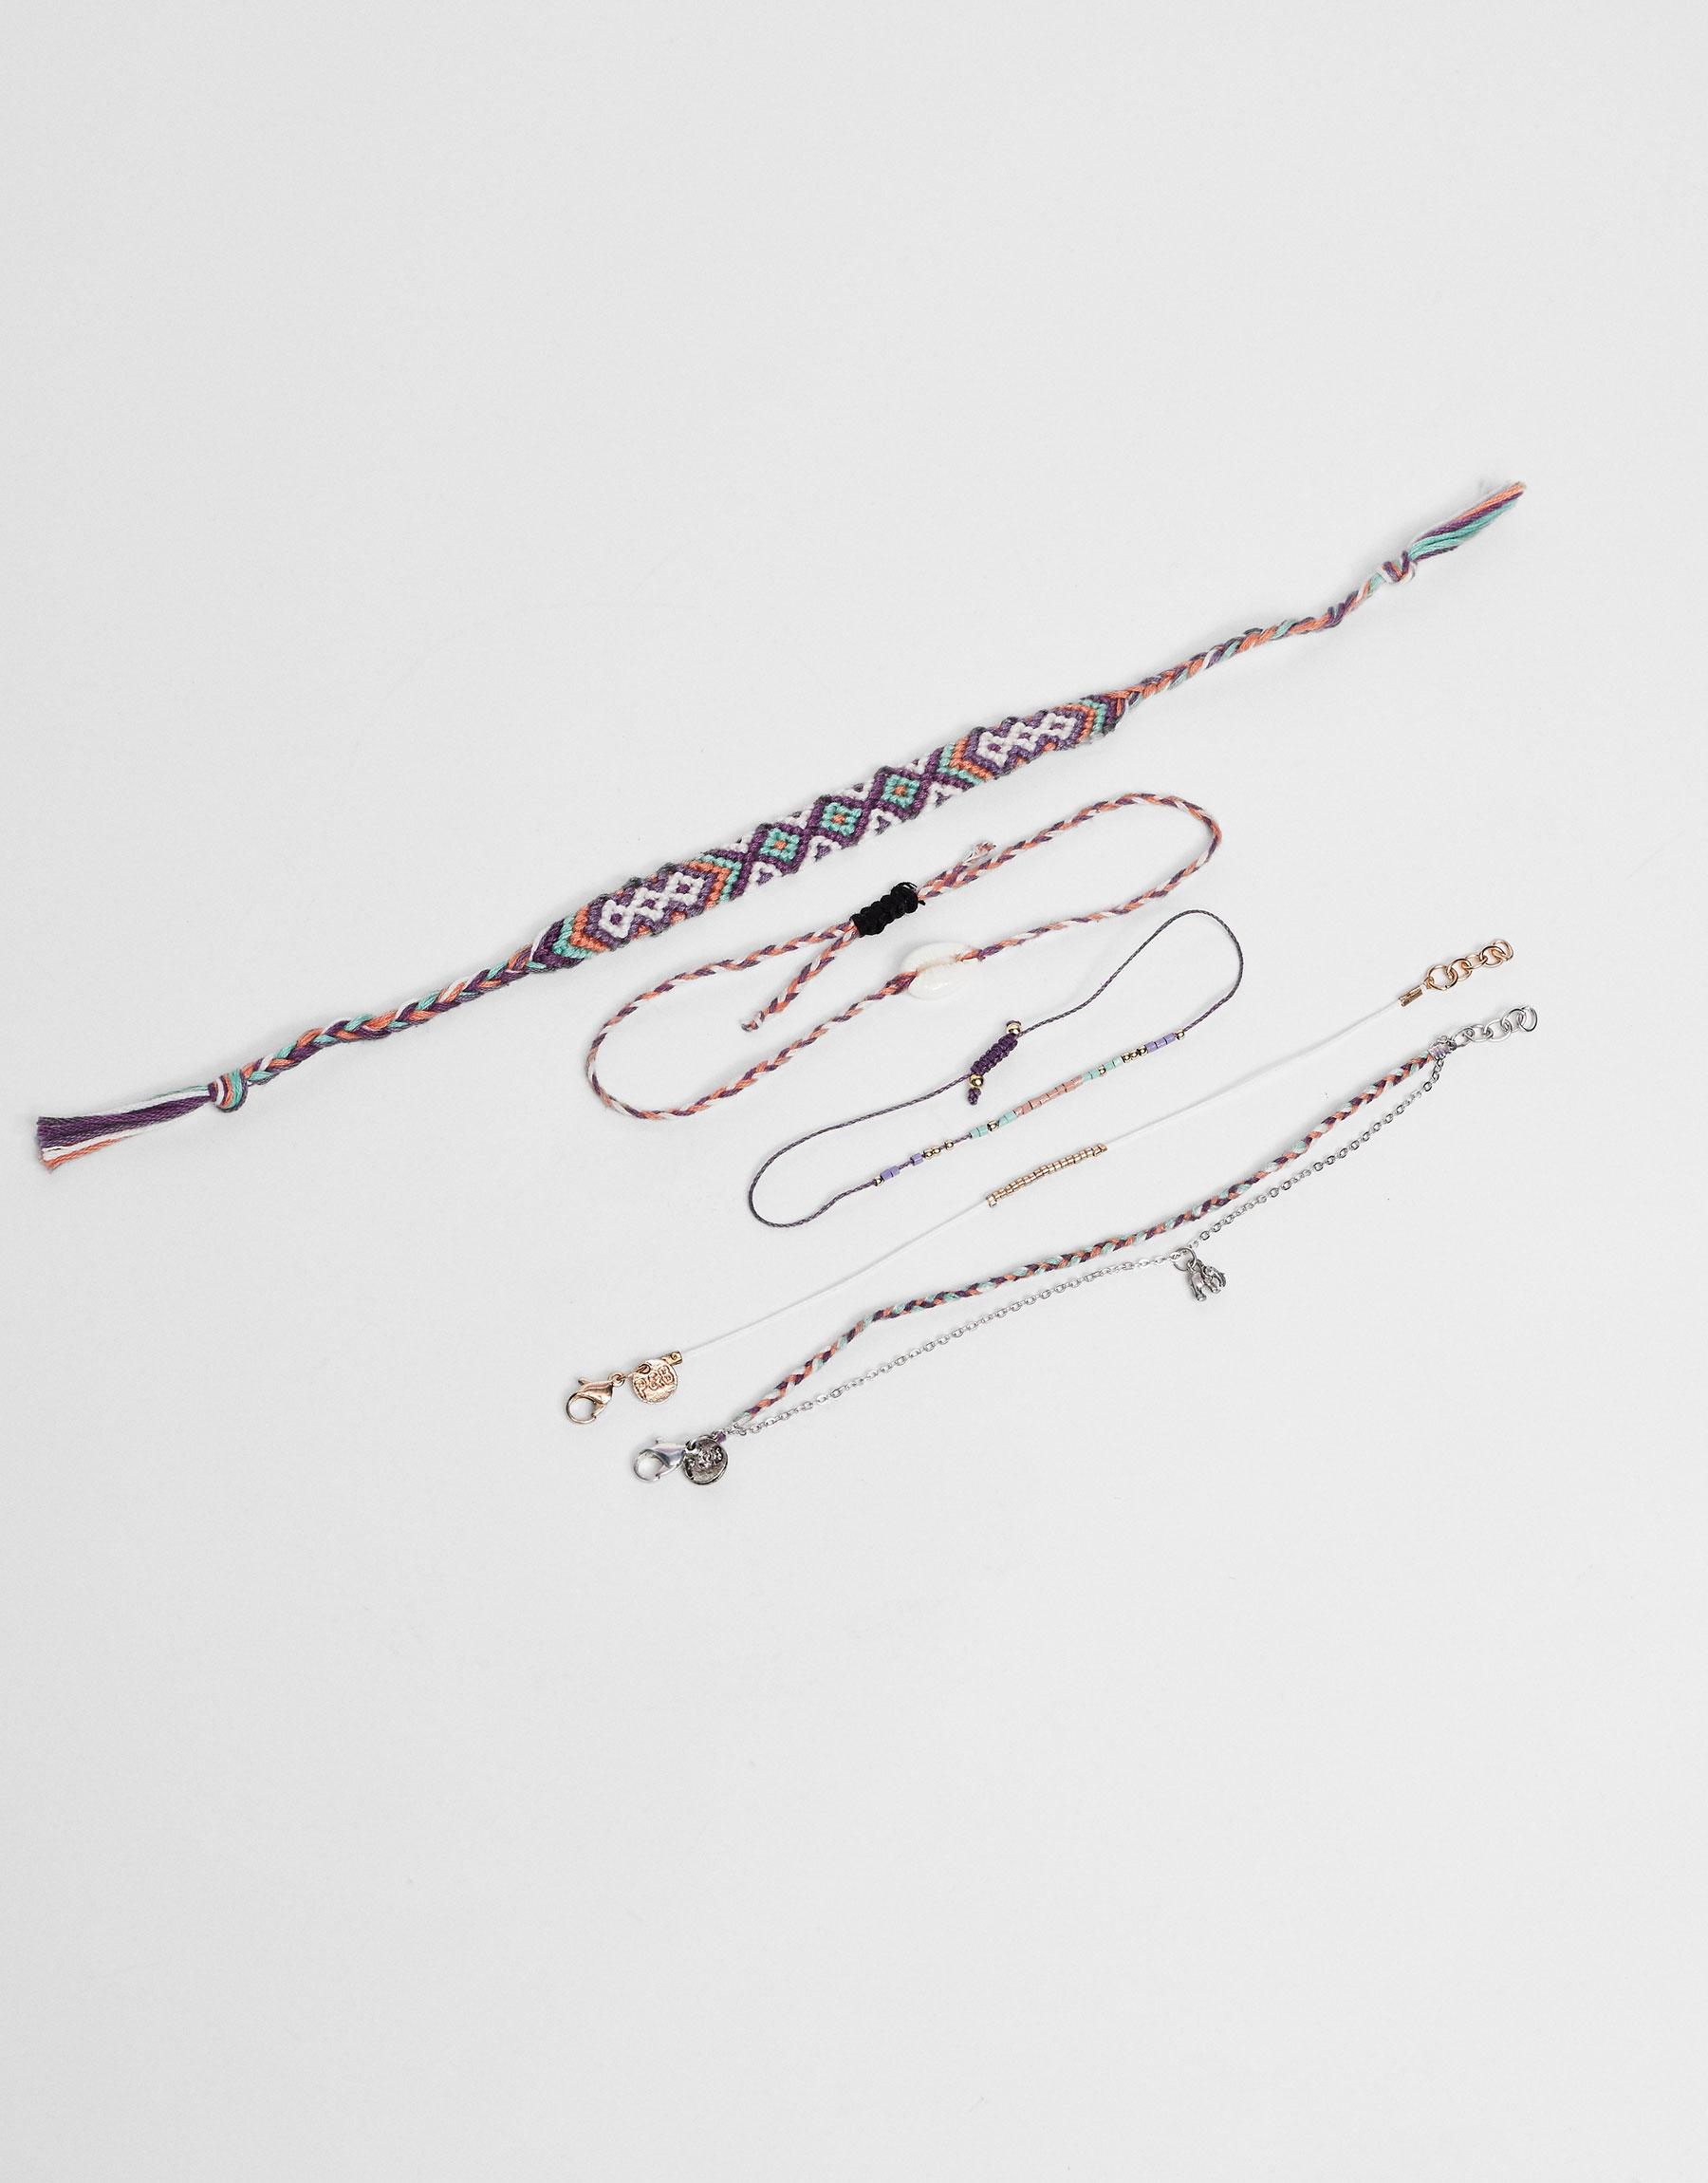 5-Pack of assorted bracelets